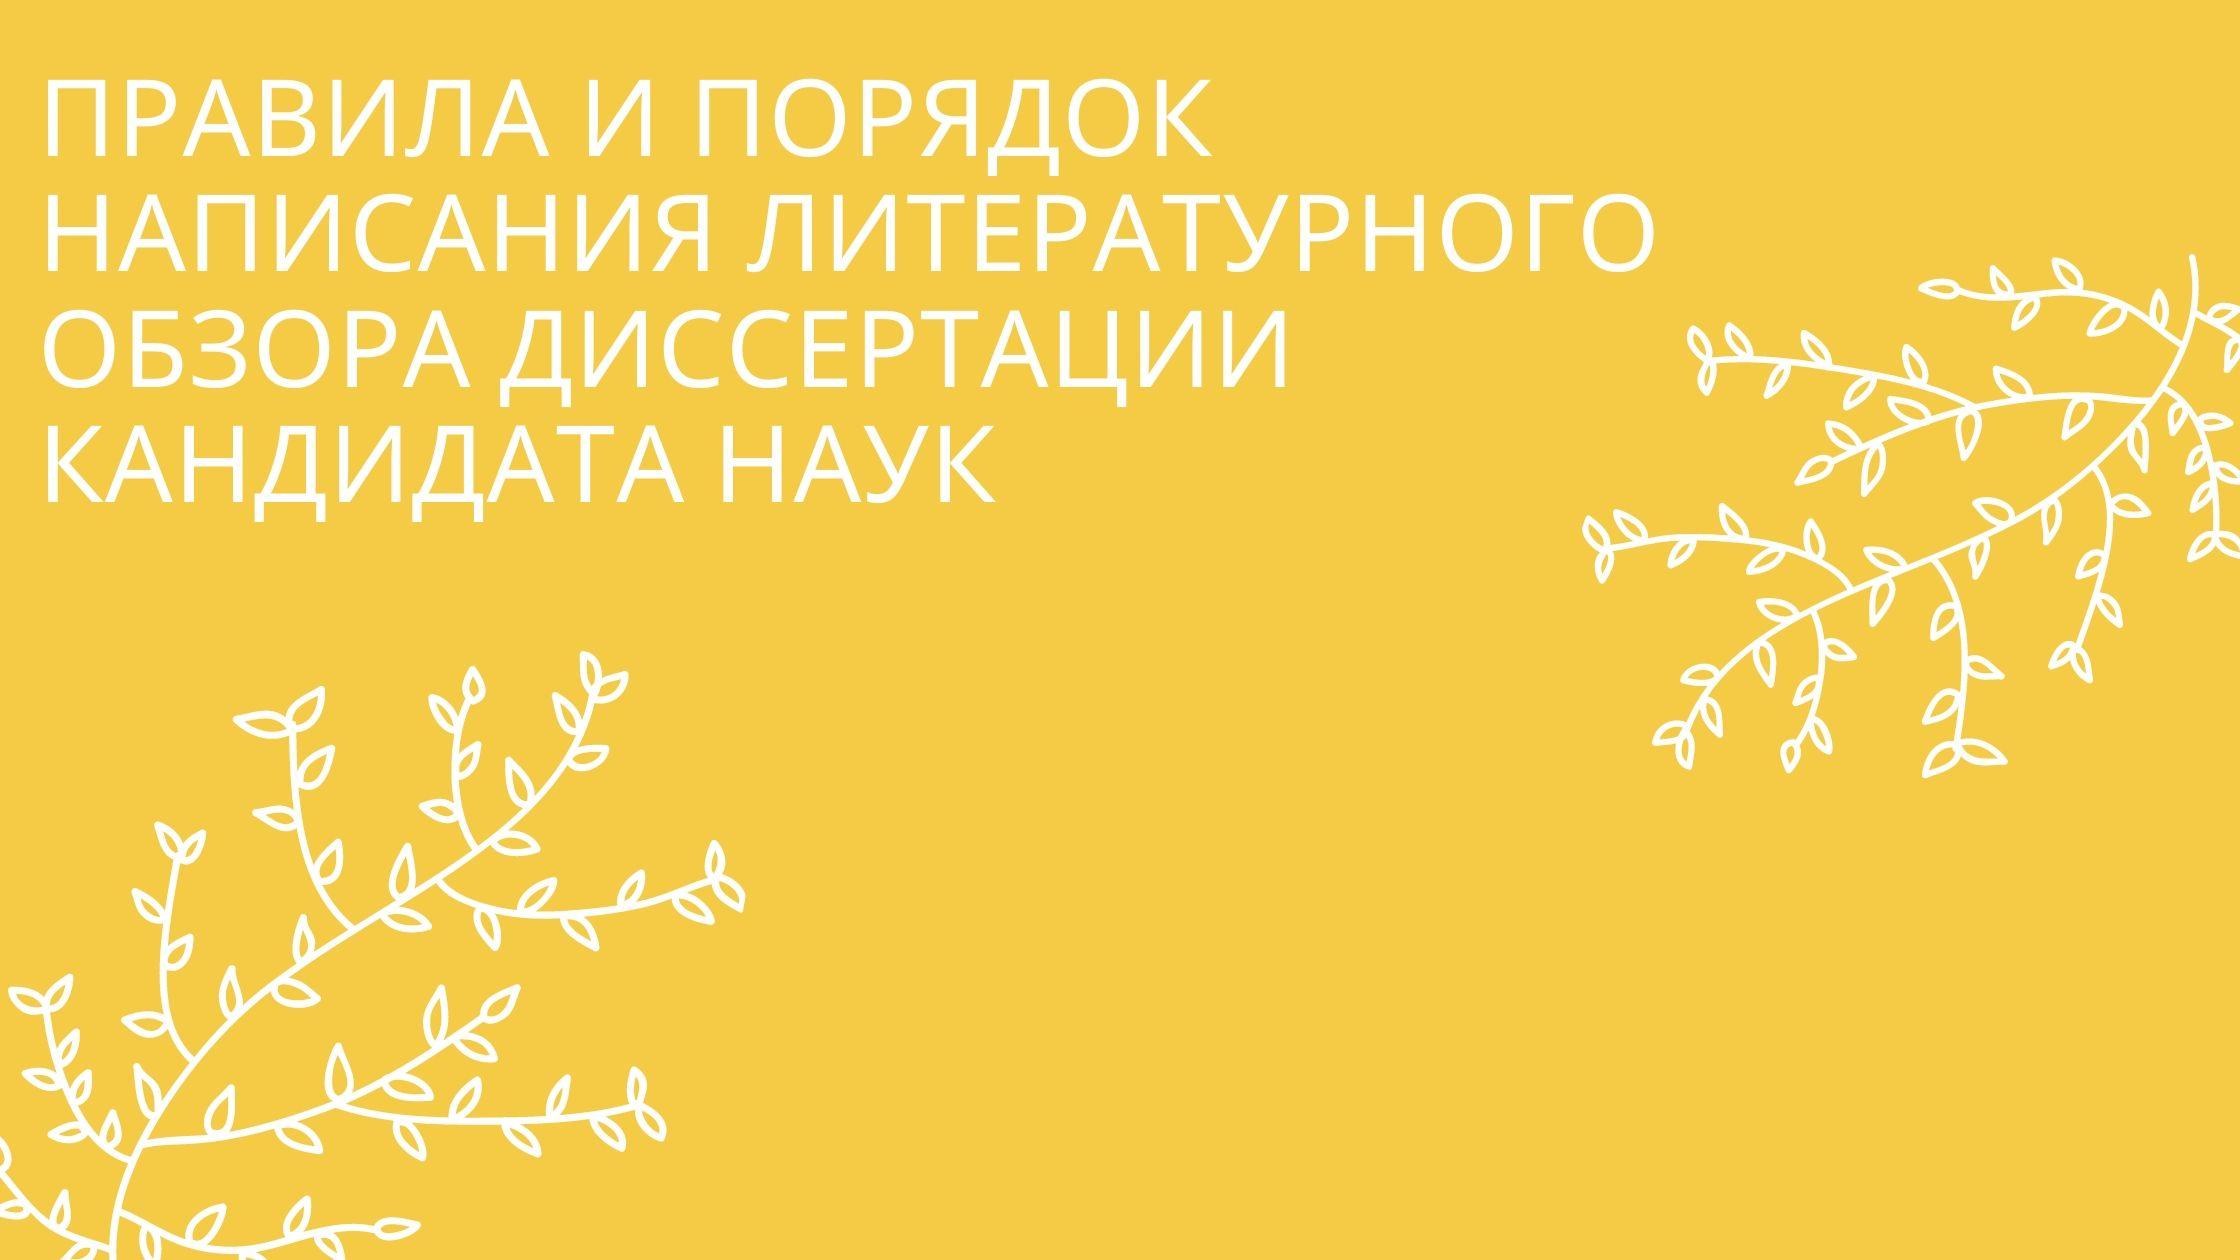 Правила и порядок написания литературного обзора диссертации кандидата наук